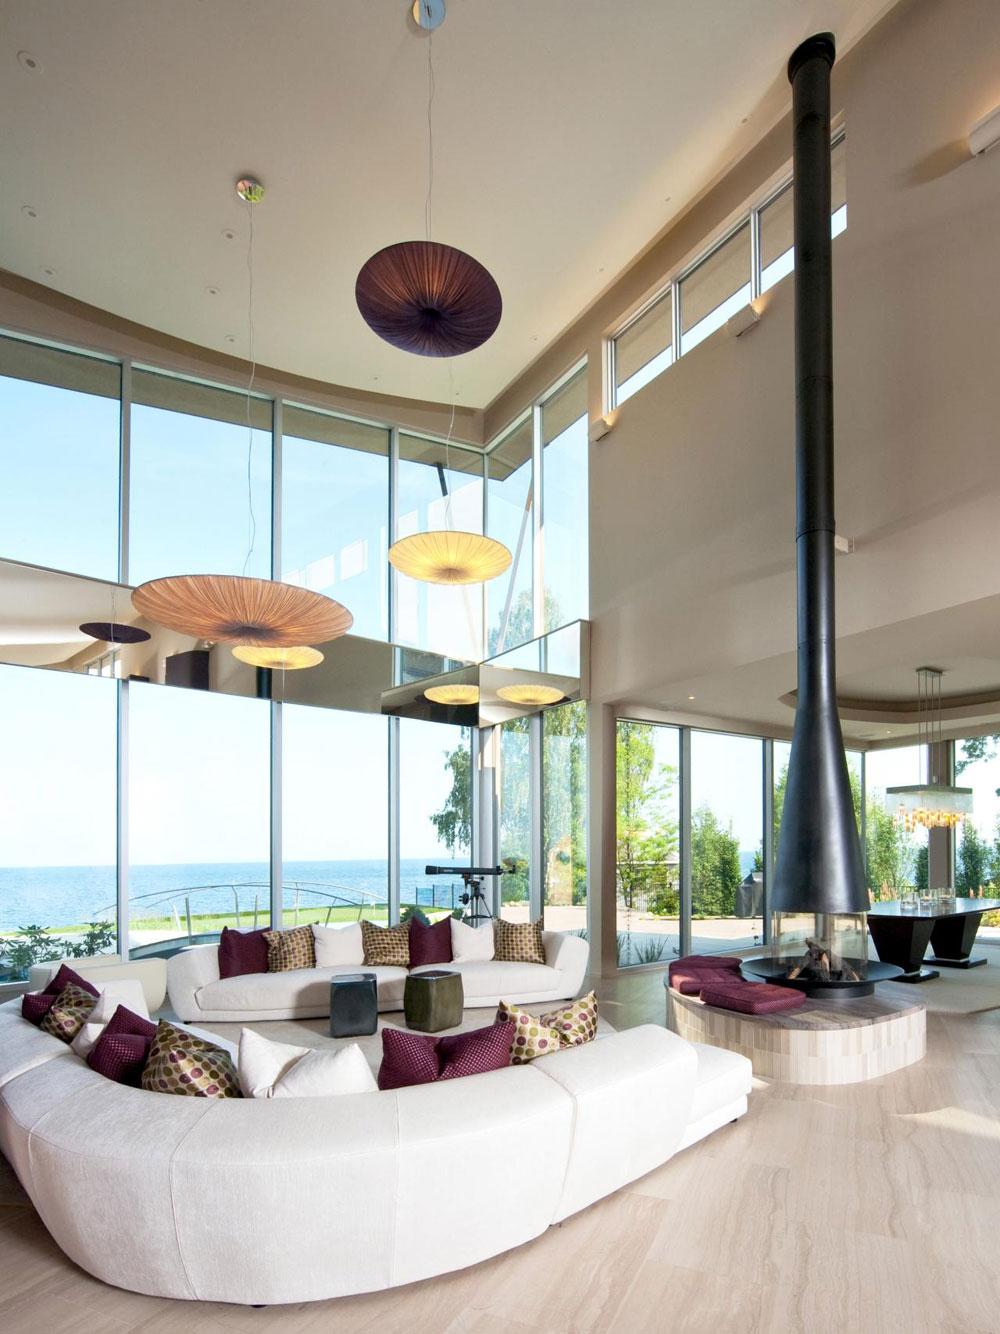 Best-Living-Room-Centerpiece-Ideen-1 Best Living Room Centerpiece Ideas